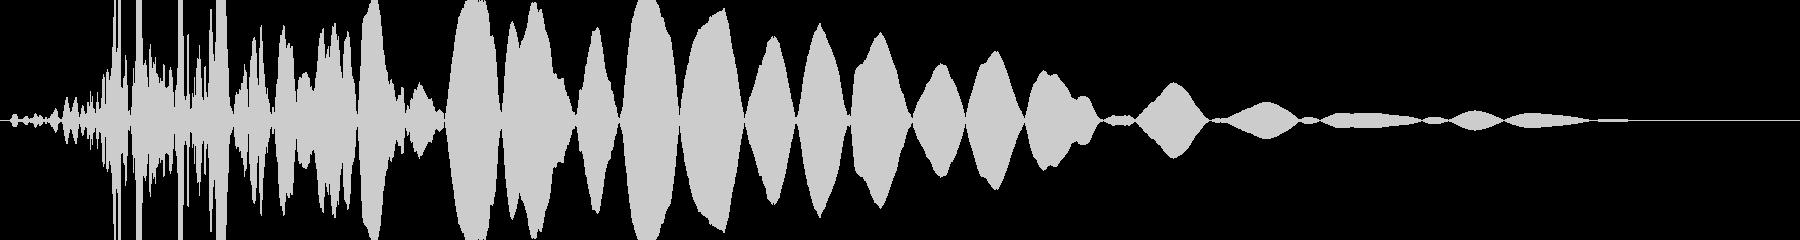 ボフッ(パンチ、打撃の音)の未再生の波形